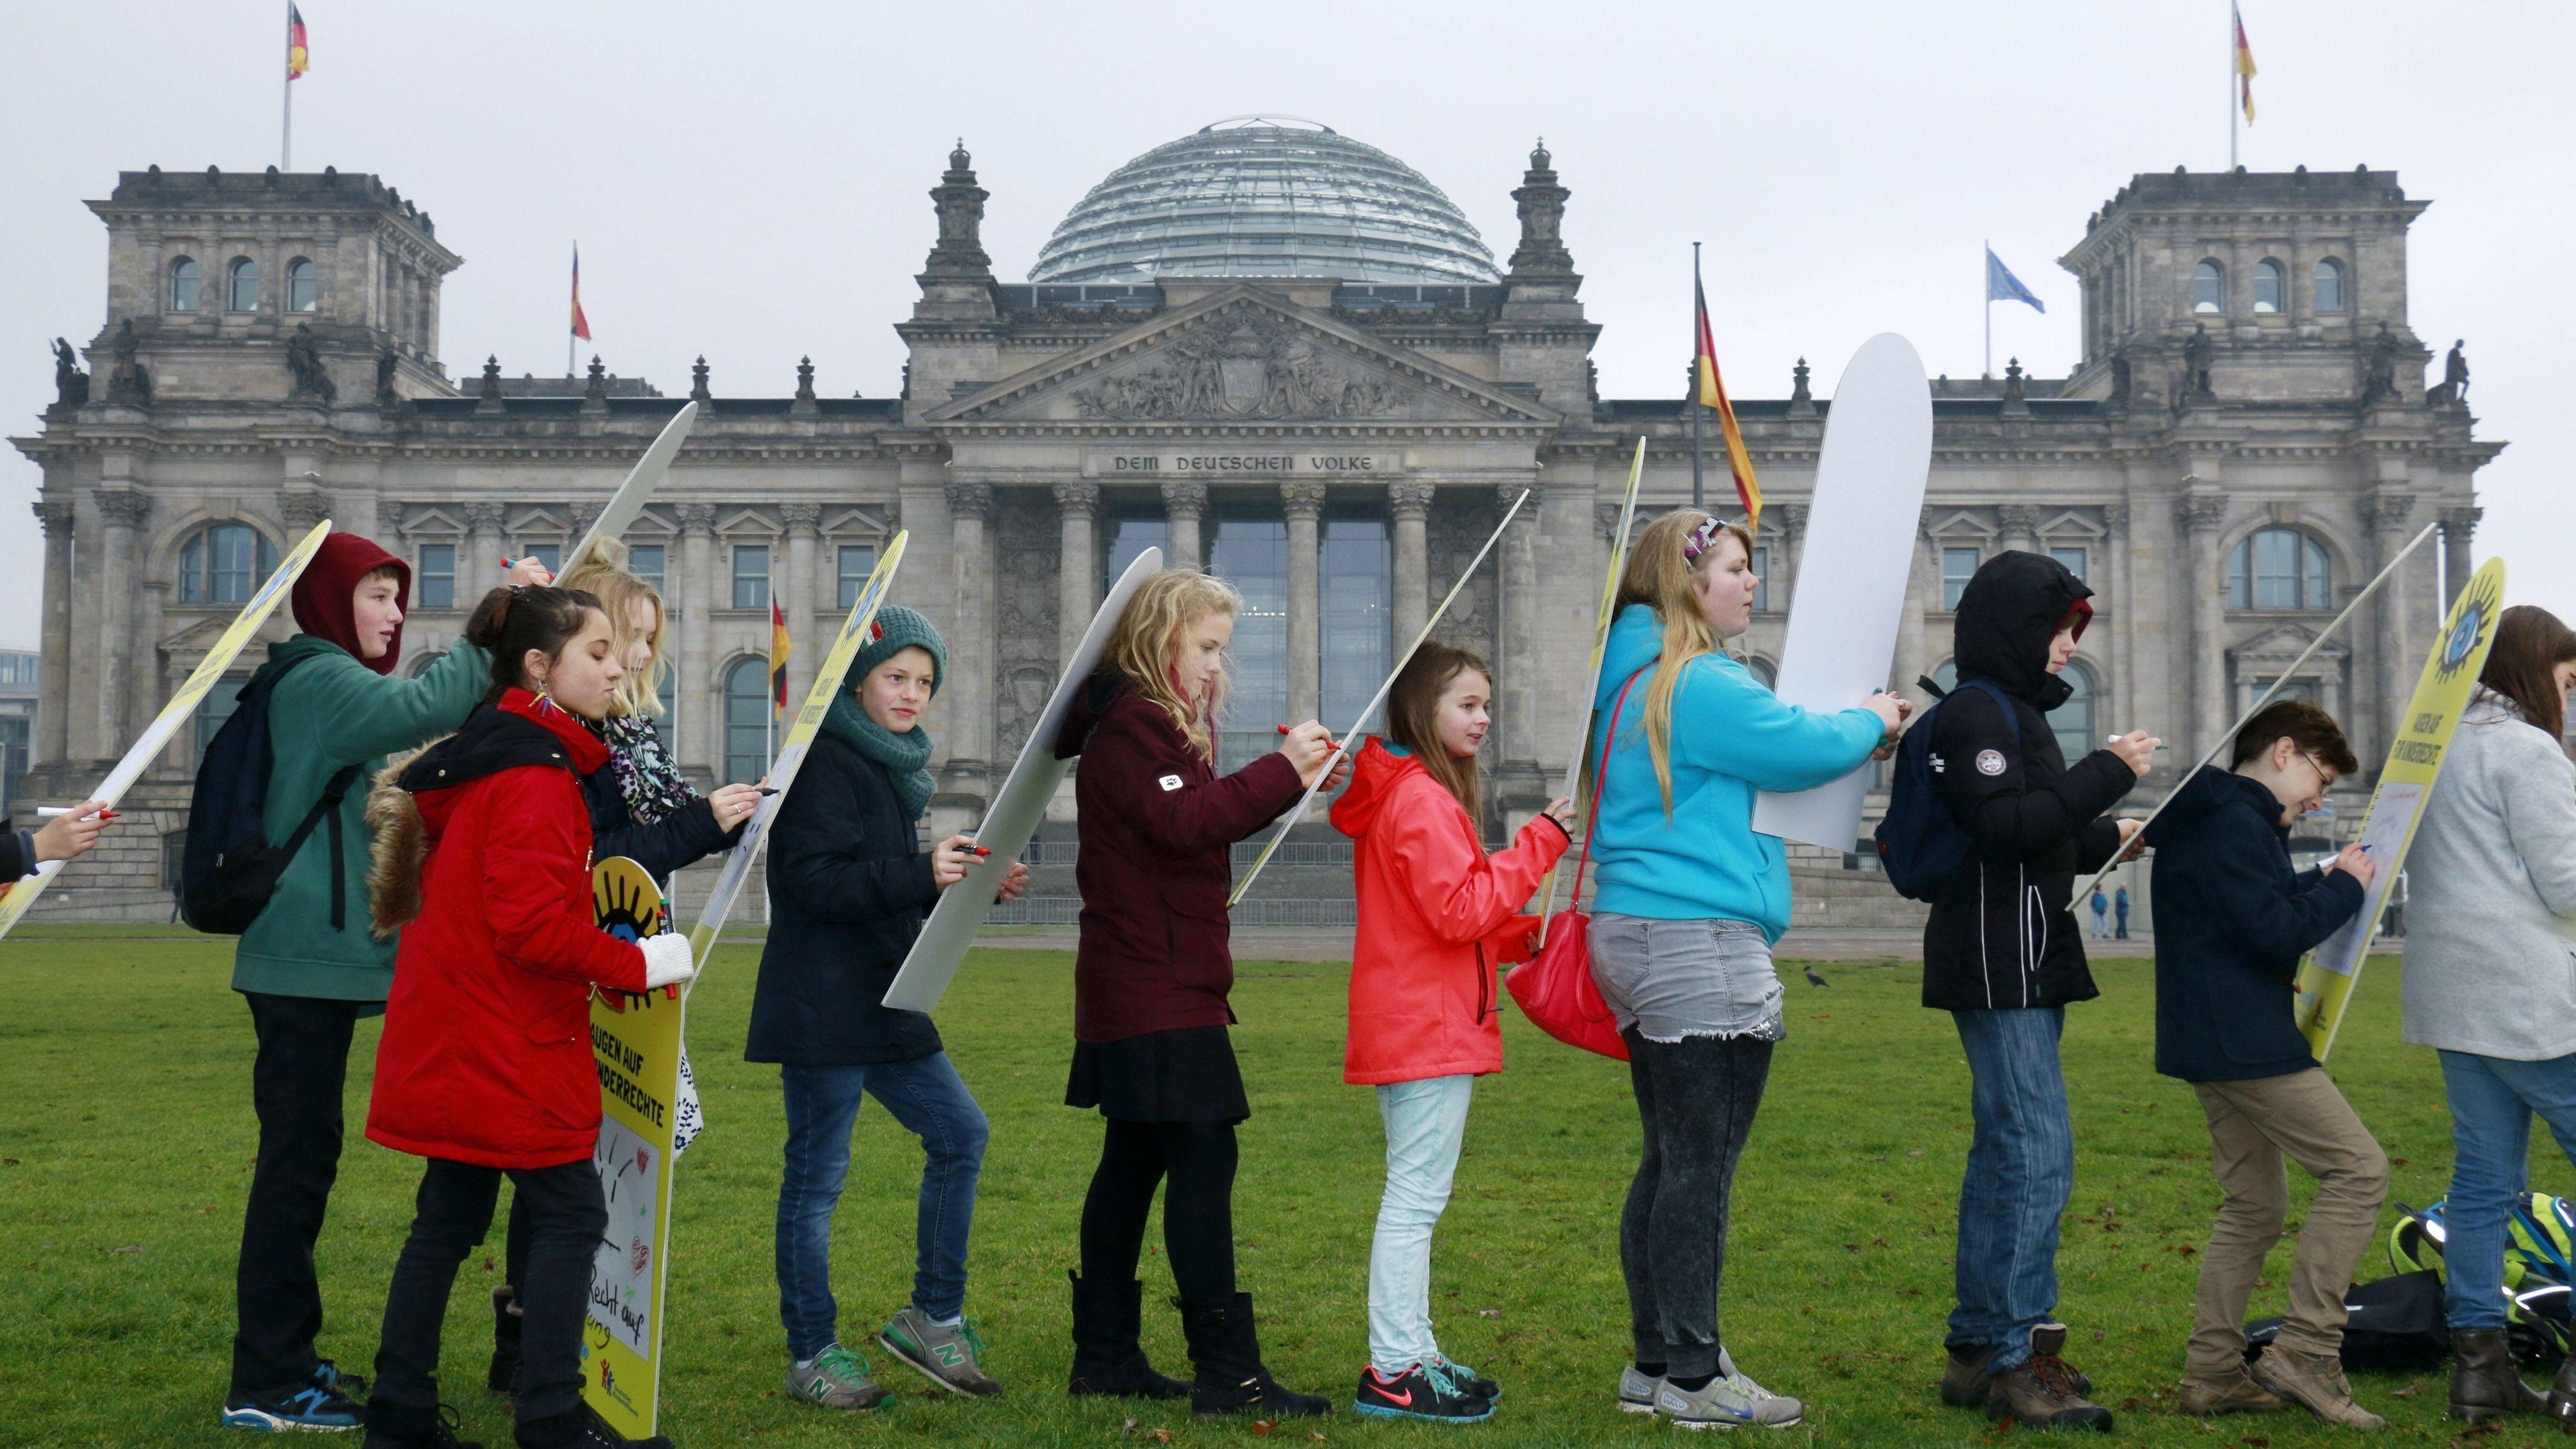 Mitmachaktion 'Augen auf für Kinderrechte' von UNICEF Deutschland und Deutschem Kinderhilfswerk vor dem Reichstag